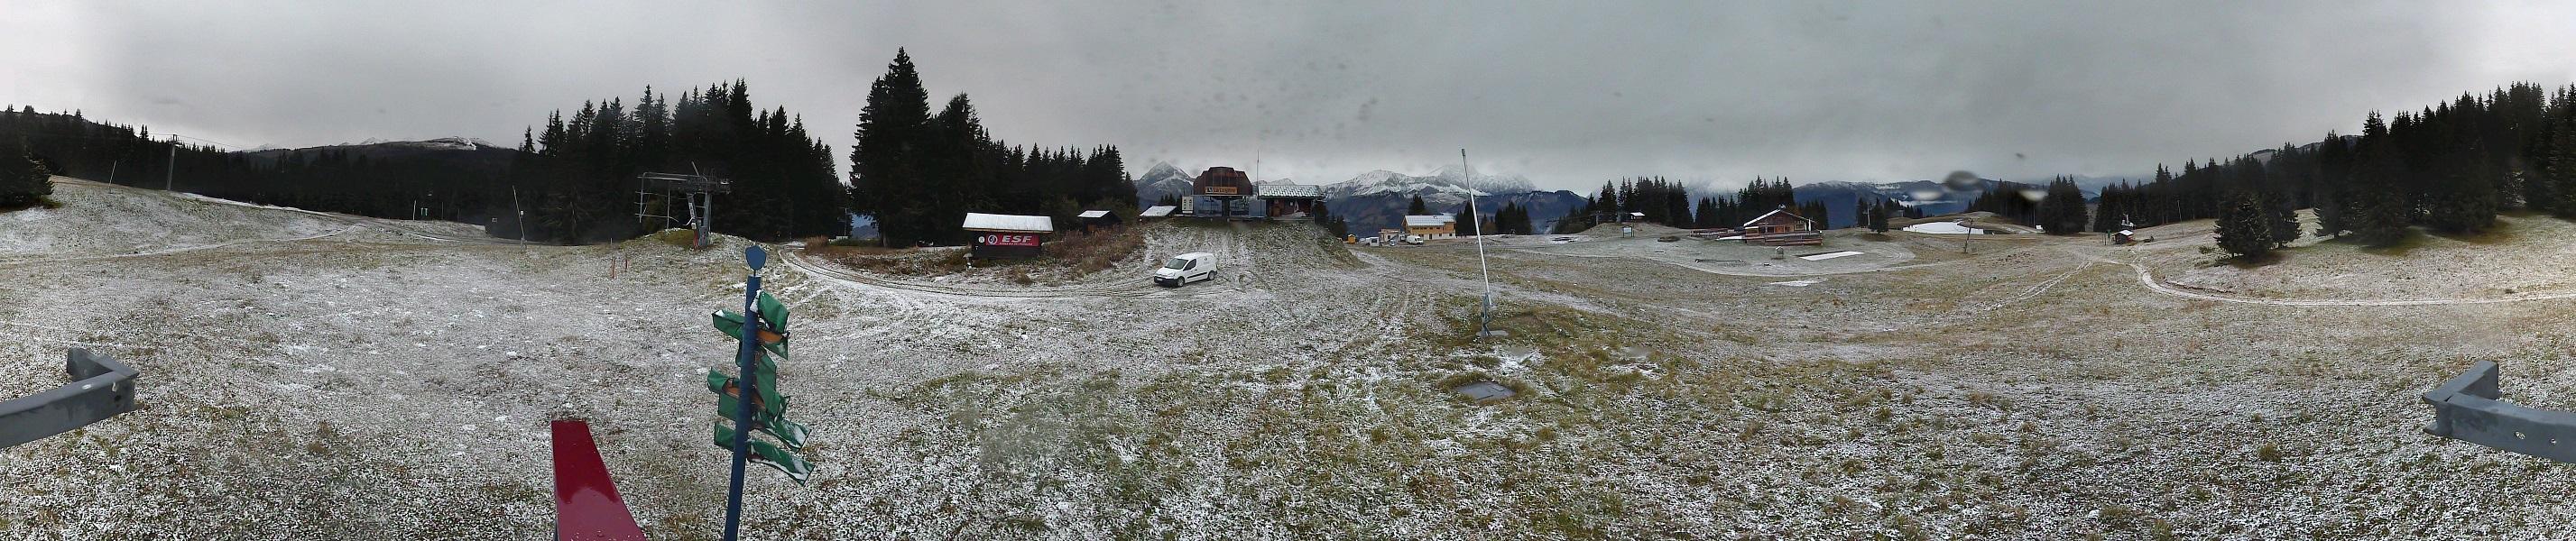 De petits flocons jusqu'au sommet du Mont Lachat, à 1650 mètres d'altitude